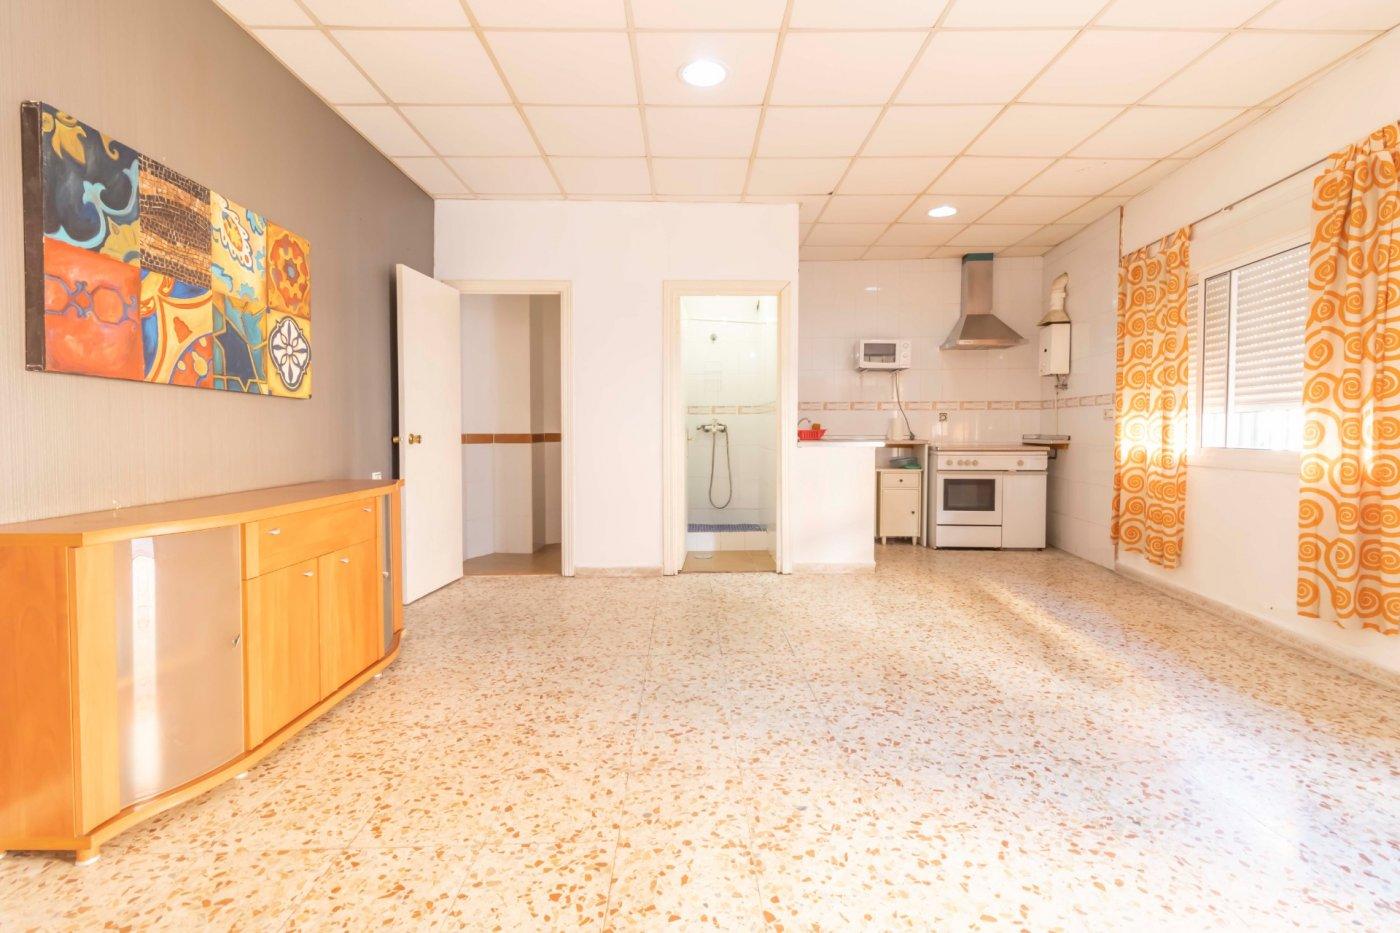 2 pisos a la venta por el precio de uno en zona padre pÍo - imagenInmueble15